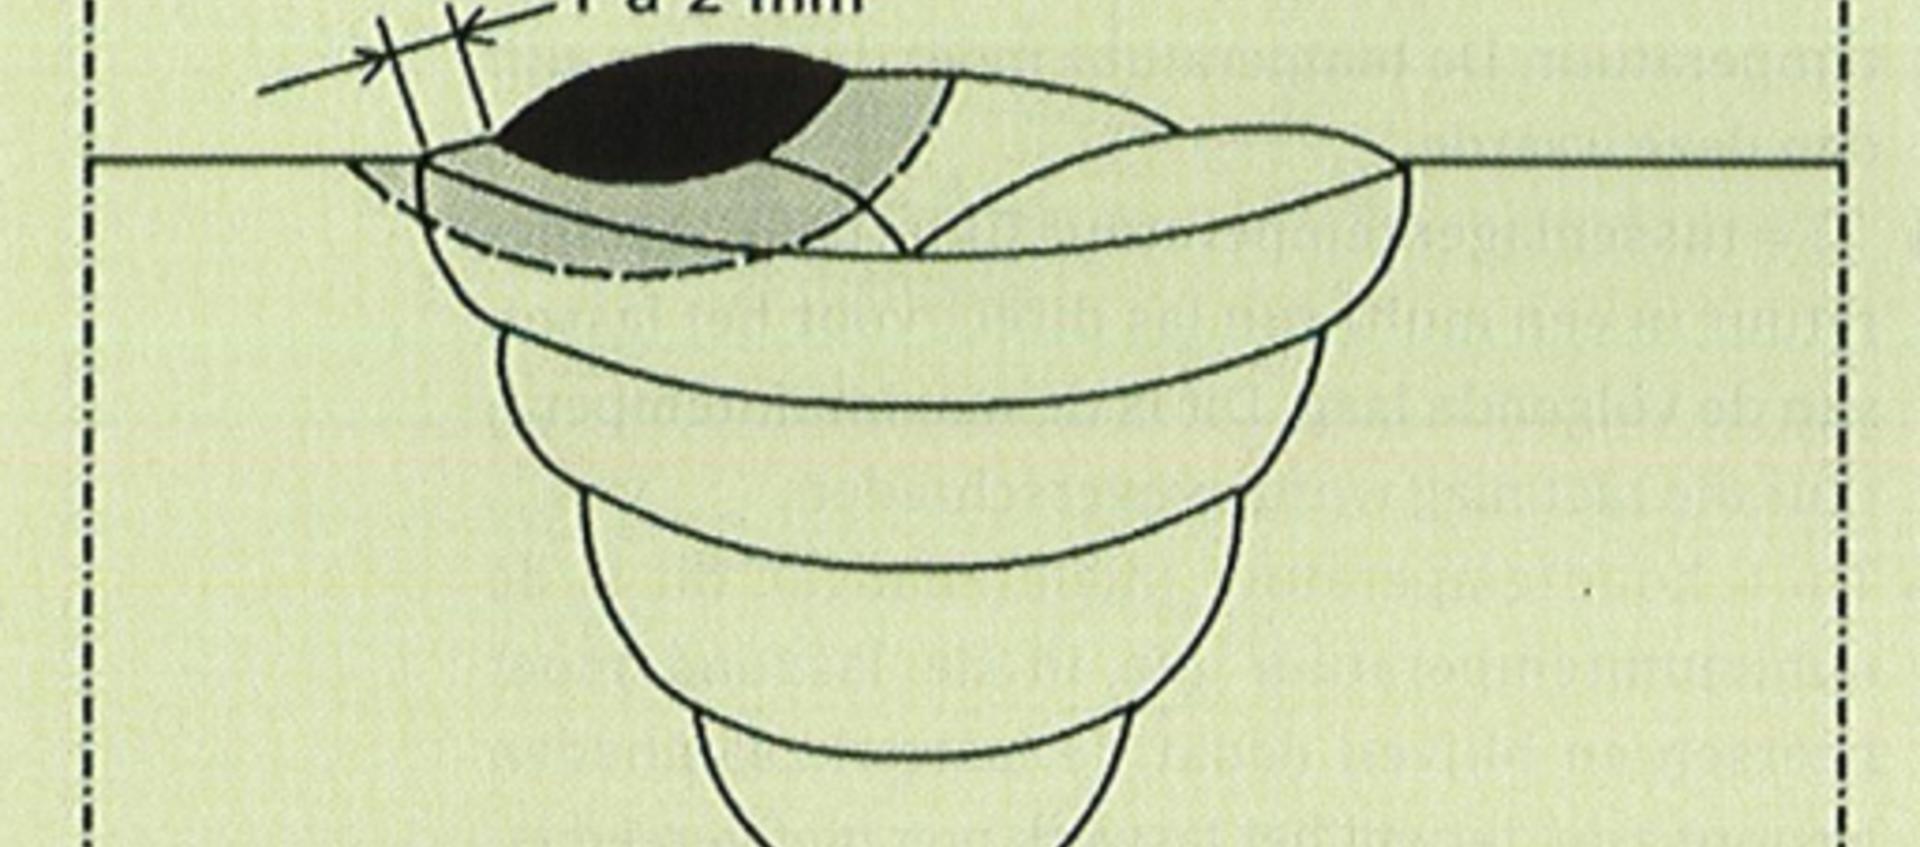 Materialen en hun lasbaarheid groep 11 volgens ISO/TR 15608